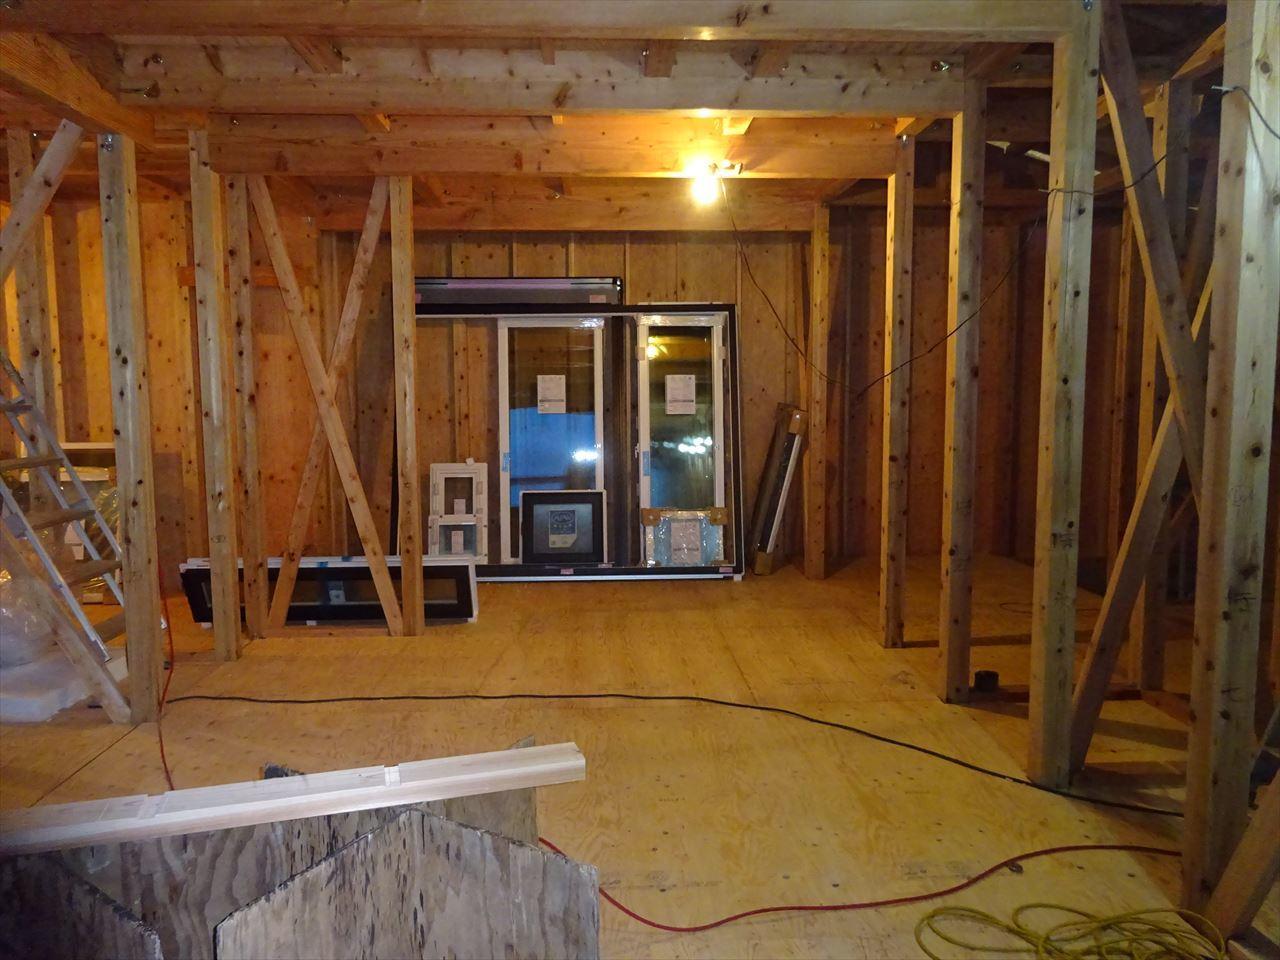 下太田 古材新築の家 建て方作業進行中です。_f0105112_04150698.jpg